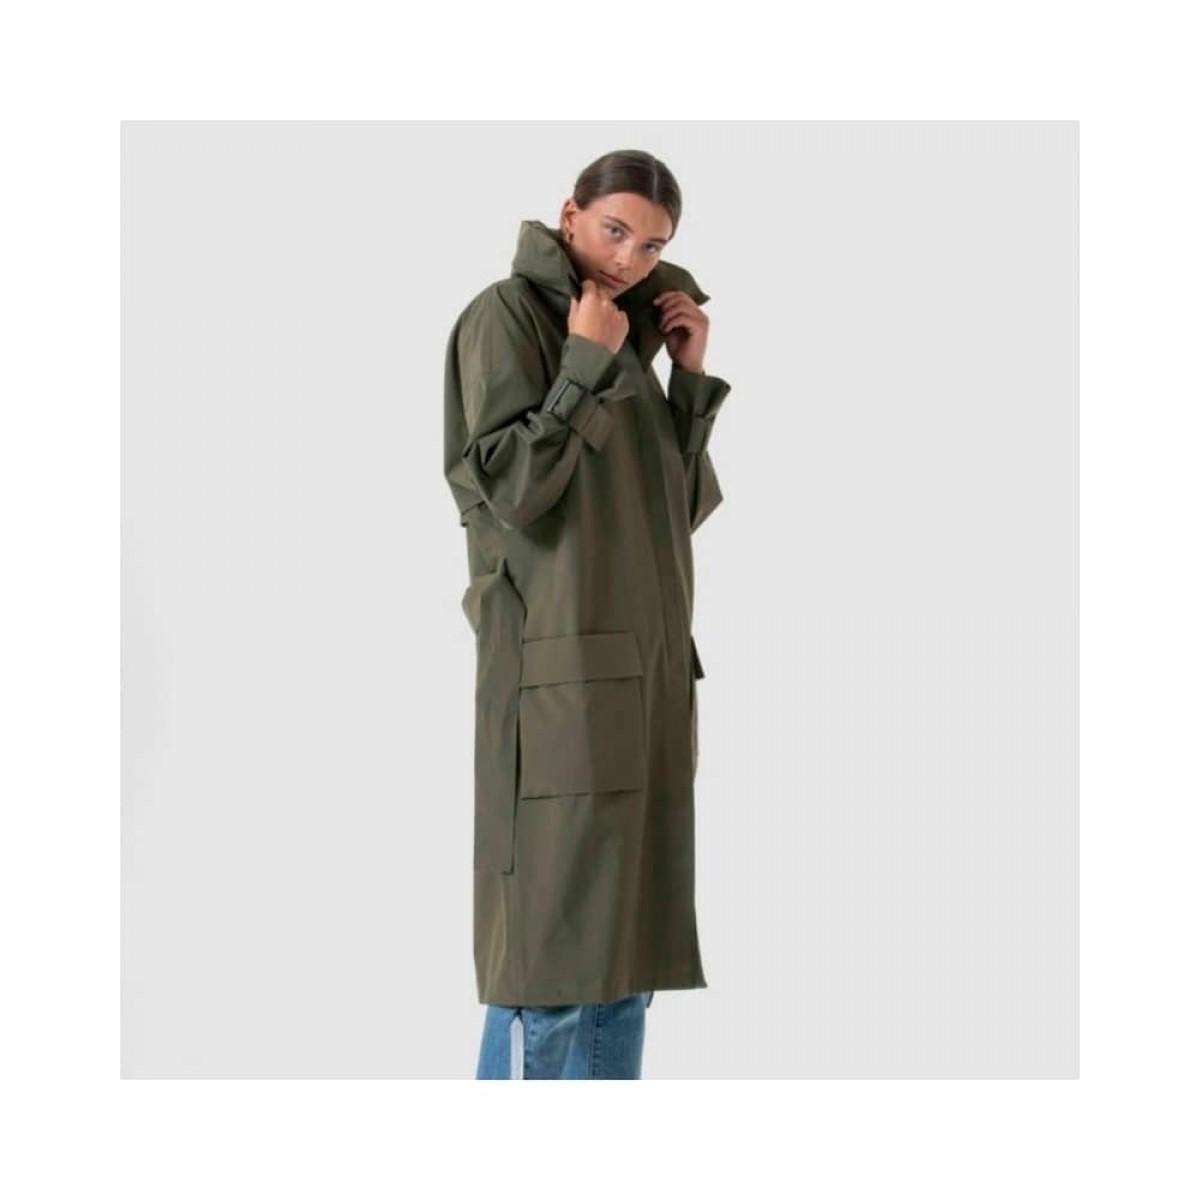 brosundet regn frakke - dark olive - model med krave